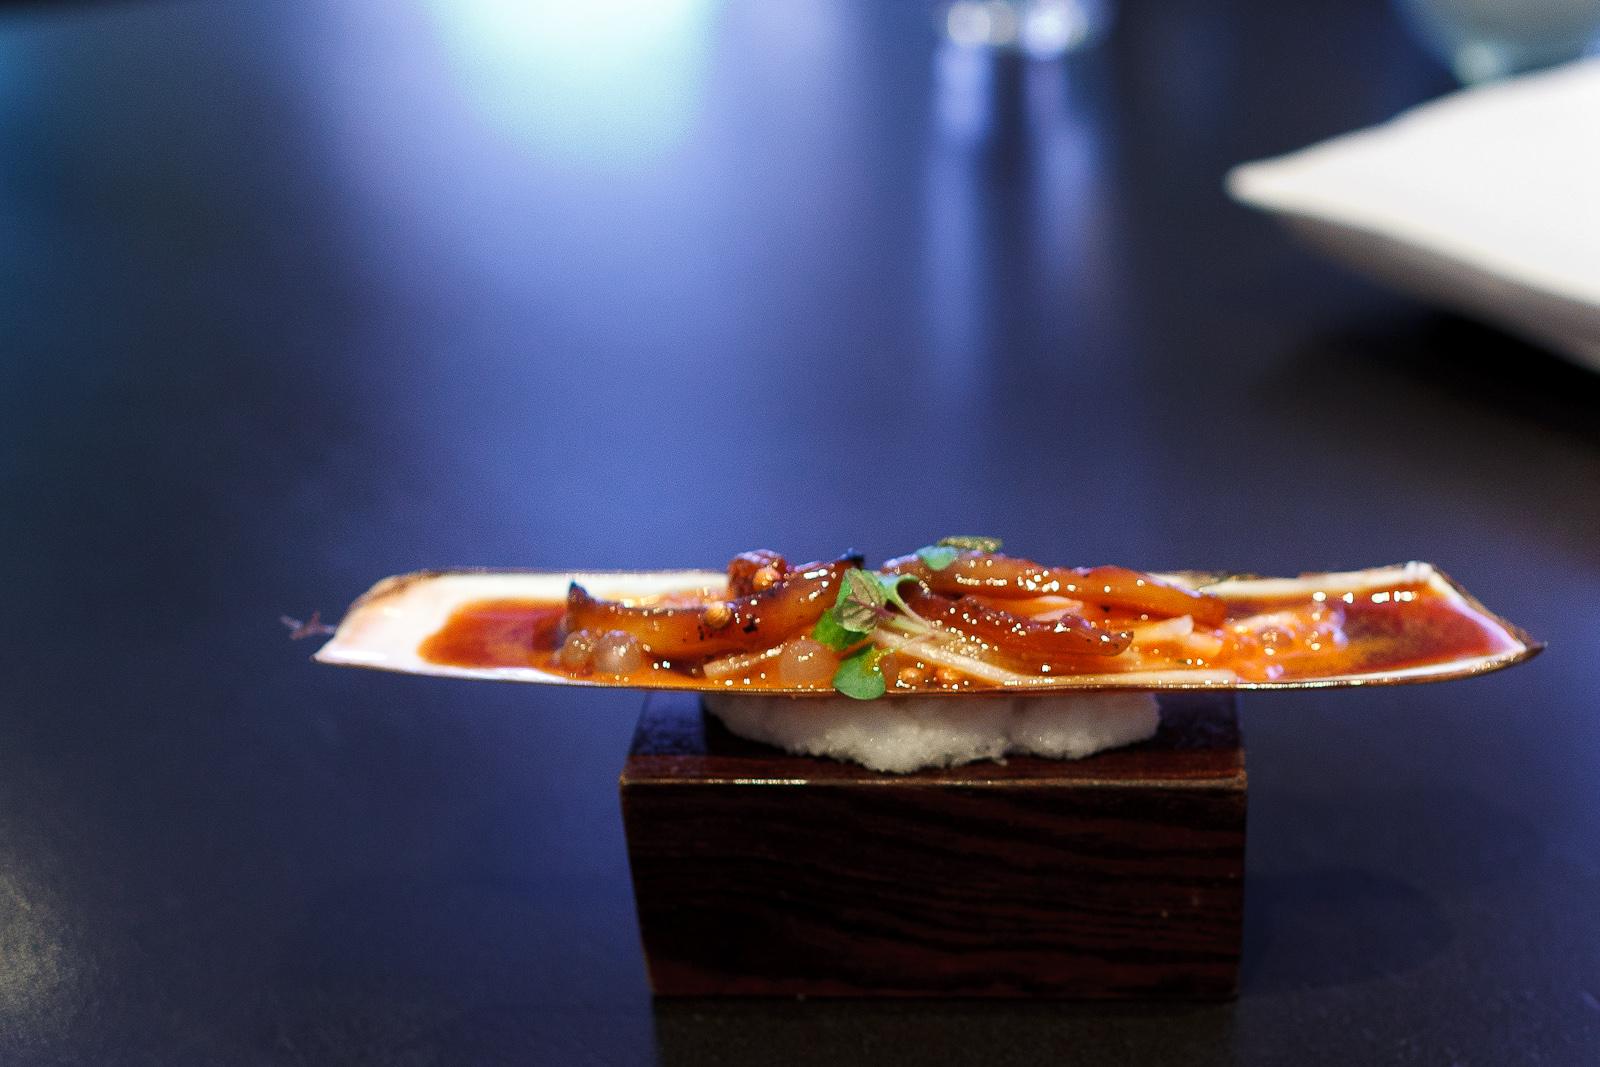 5th Course: Razor clam, carrot, soy, daikon